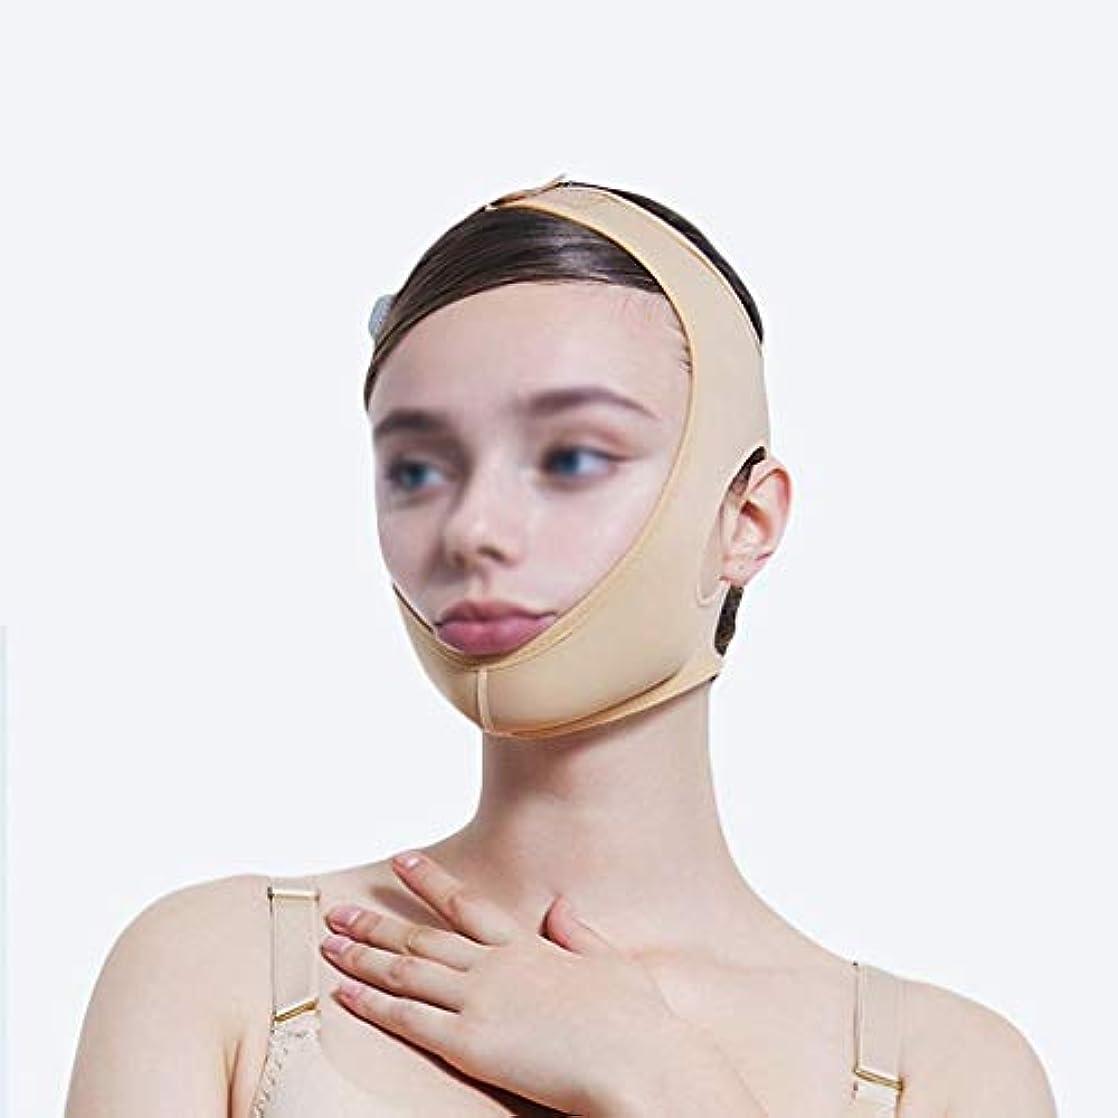 引っ張る消去熱狂的なフェイシャルライン、頬、しわ防止フェイシャル減量、フェイスバンド、フェイスマスク、フェイスリフティング、通気性、ダブルチンストラップ(サイズ:XXL),XS